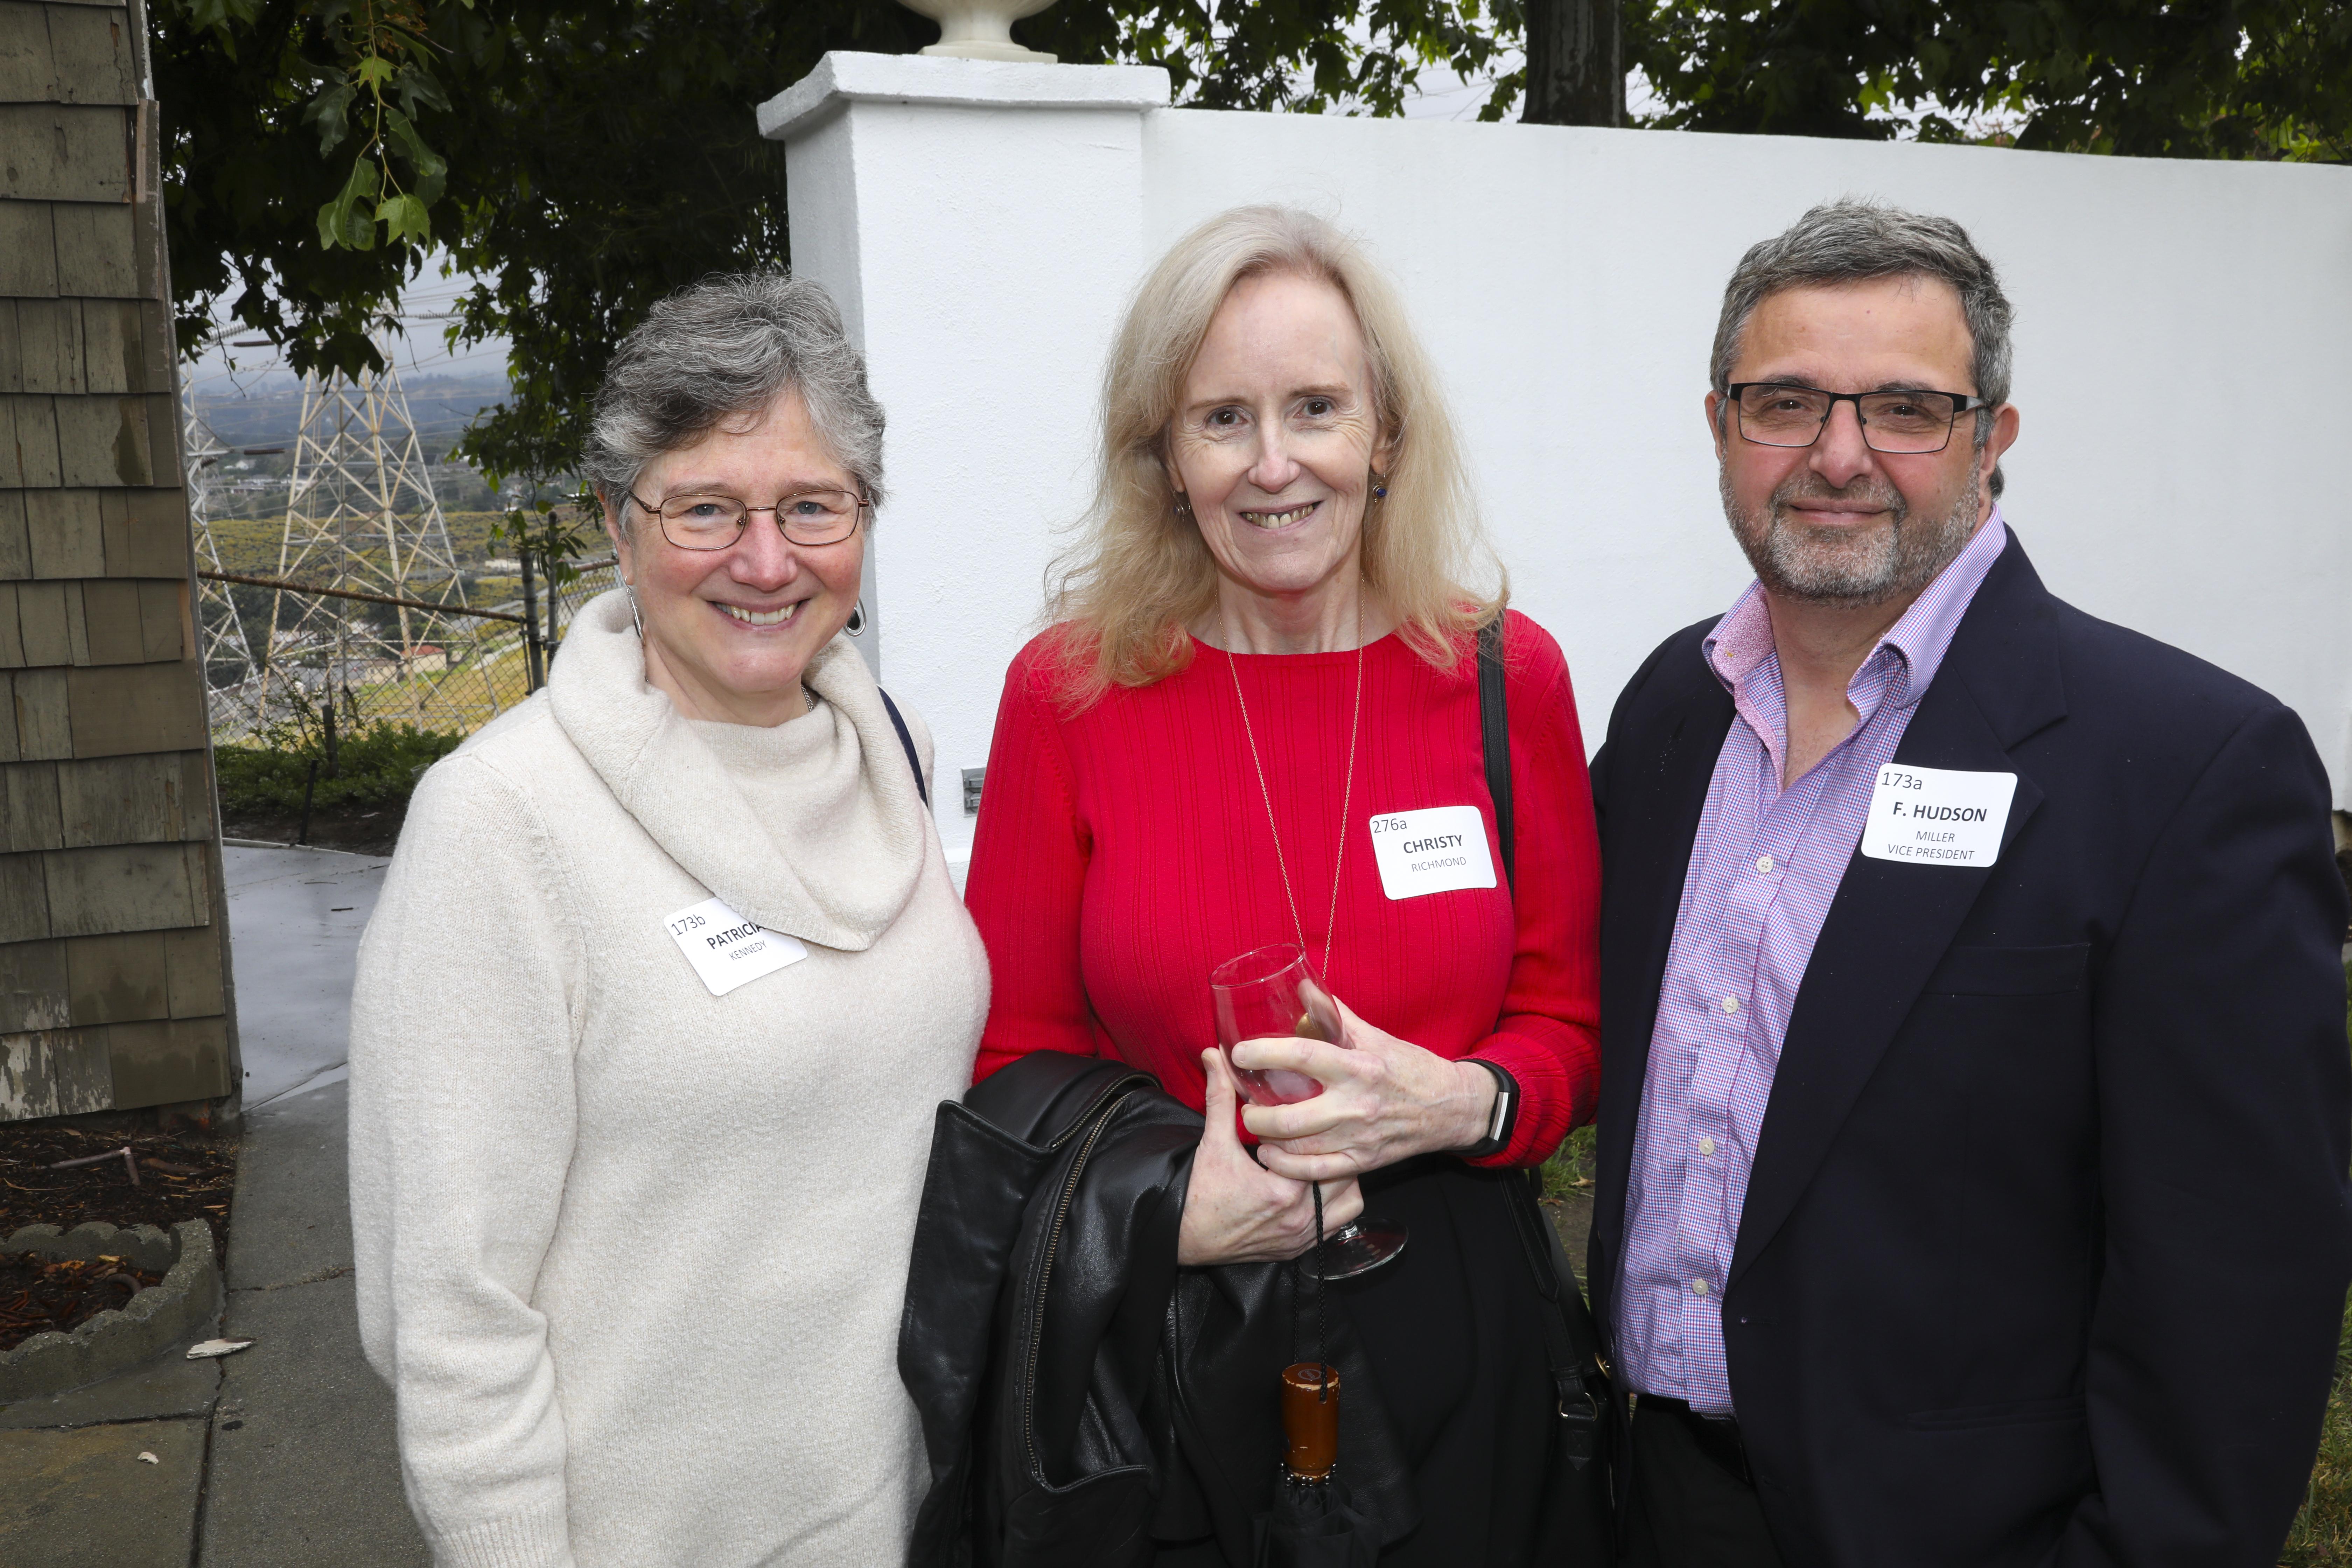 Patricia Kennedy, Christy Richmond, F. Hudson Miller